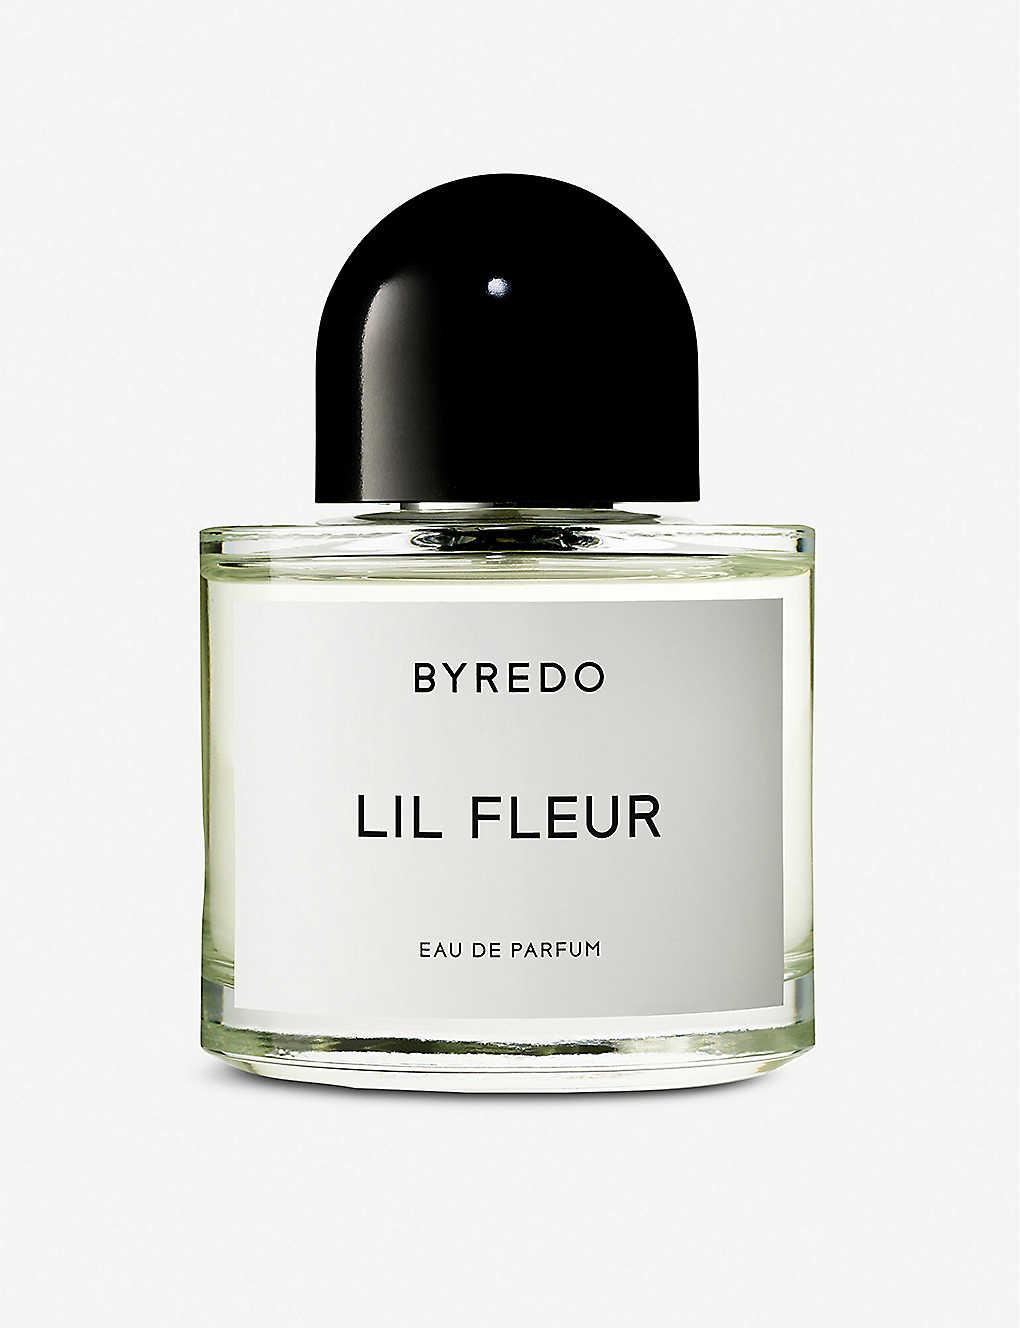 BYREDO: Lil Fleur eau de parfum